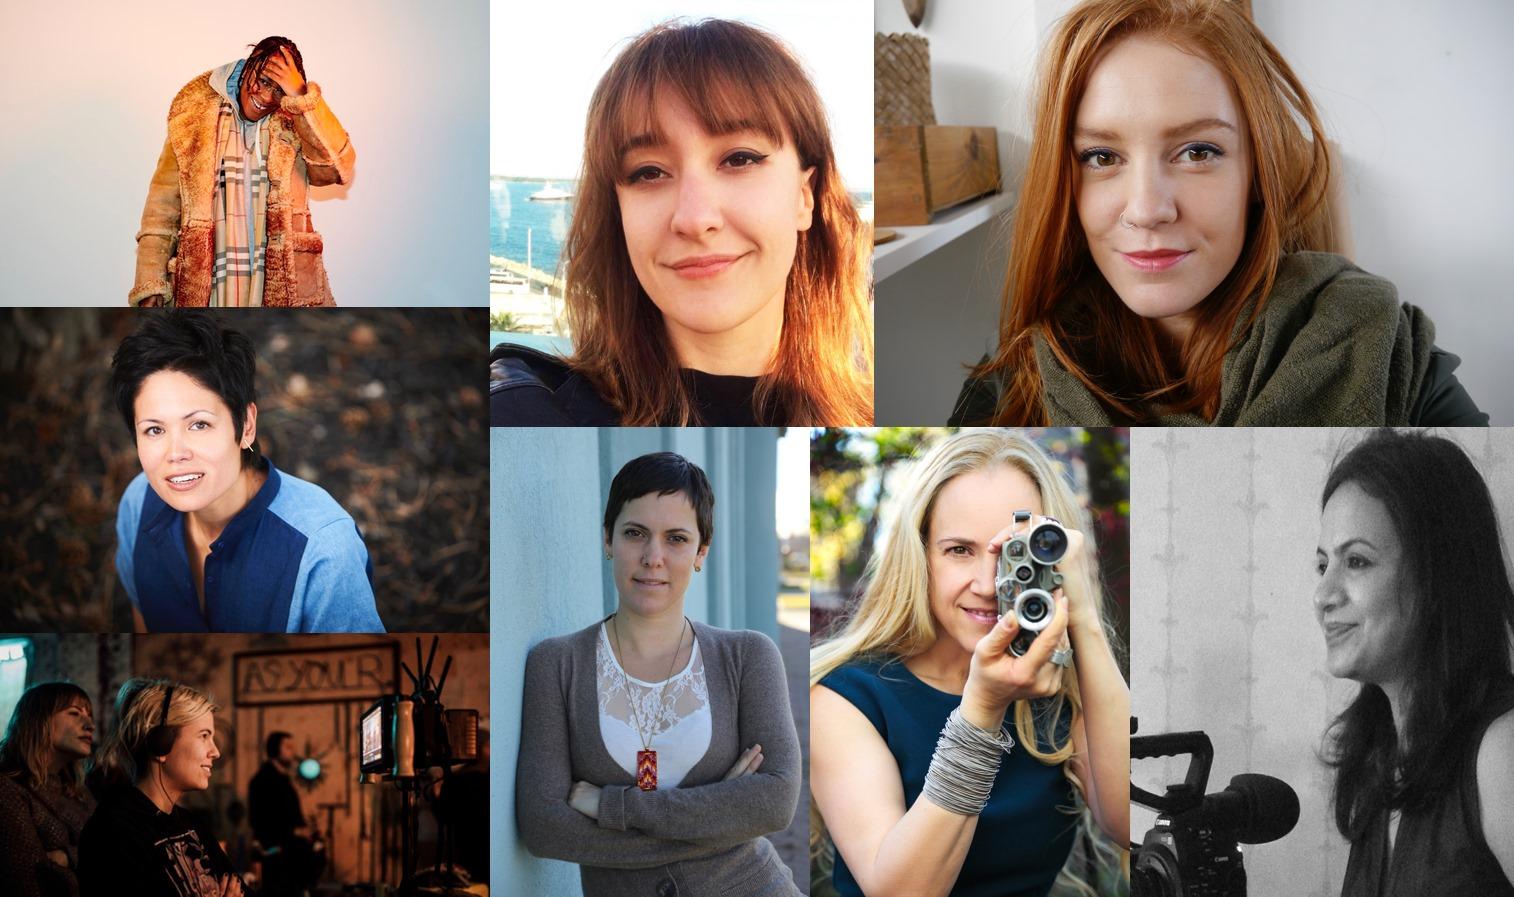 L'Académie dévoile les 8 participantes au Programme de l'Académie pour les réalisatrices 2019